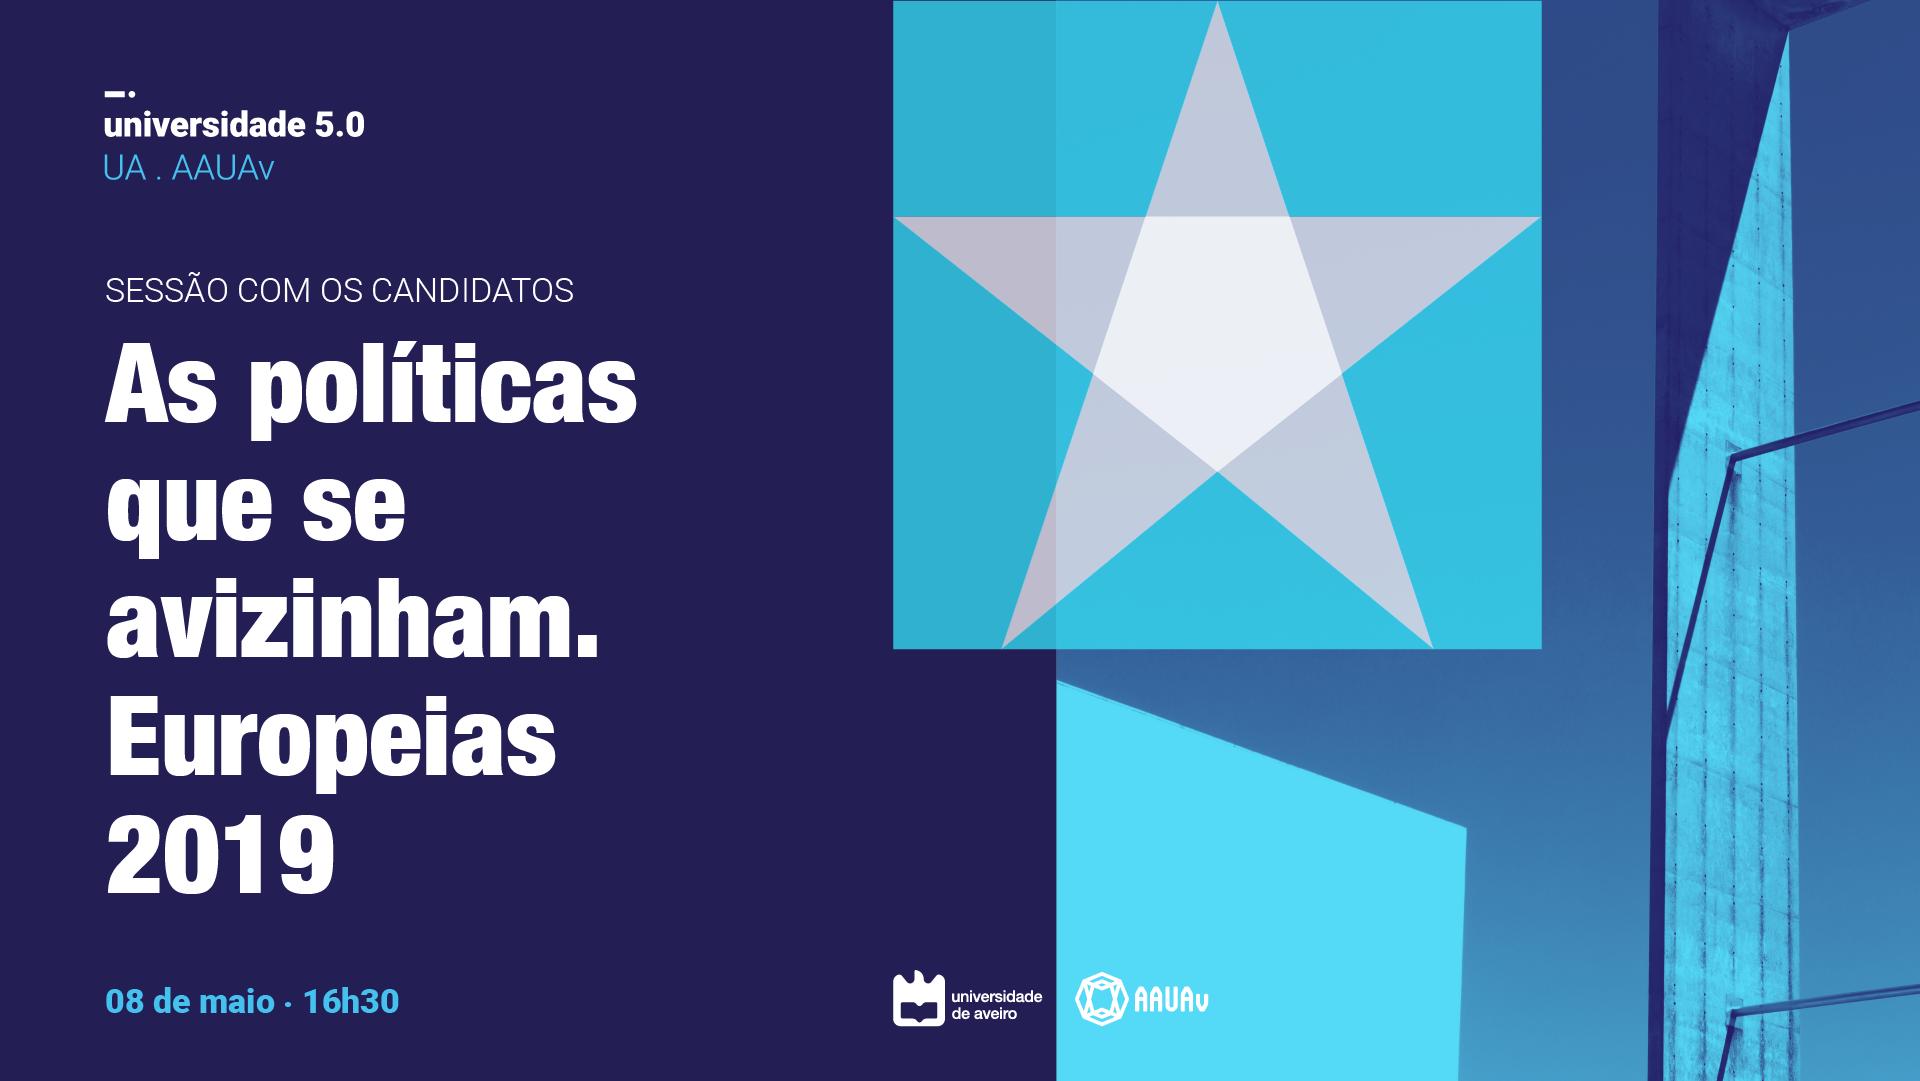 Eleições Europeias e Ensino Superior, na óptica europeia, em debate na Universidade de Aveiro